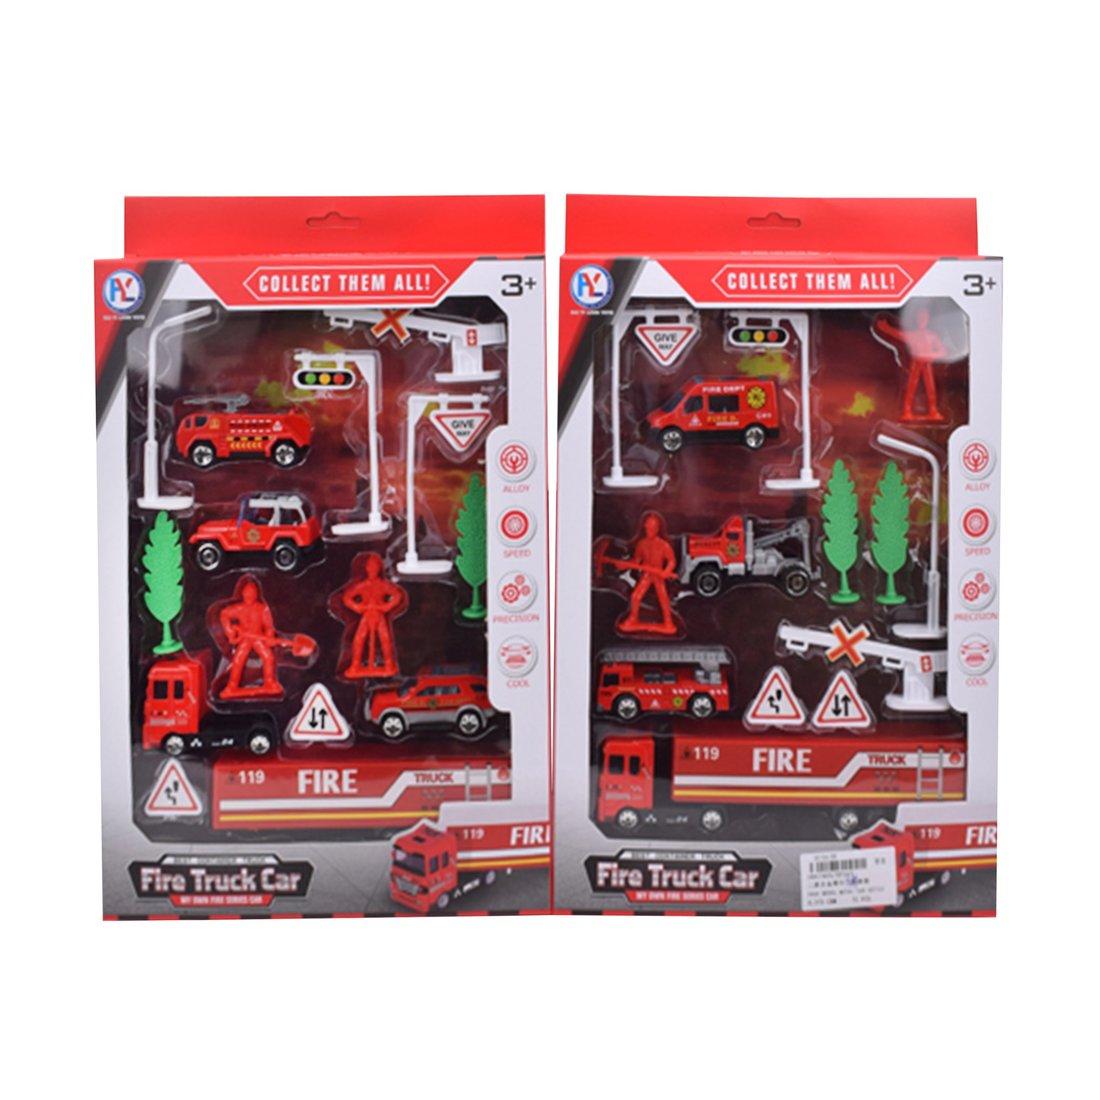 Купить Игровой набор Наша Игрушка Пожарный, 4 металлические машины, 10 предметов HY327, Наша игрушка,